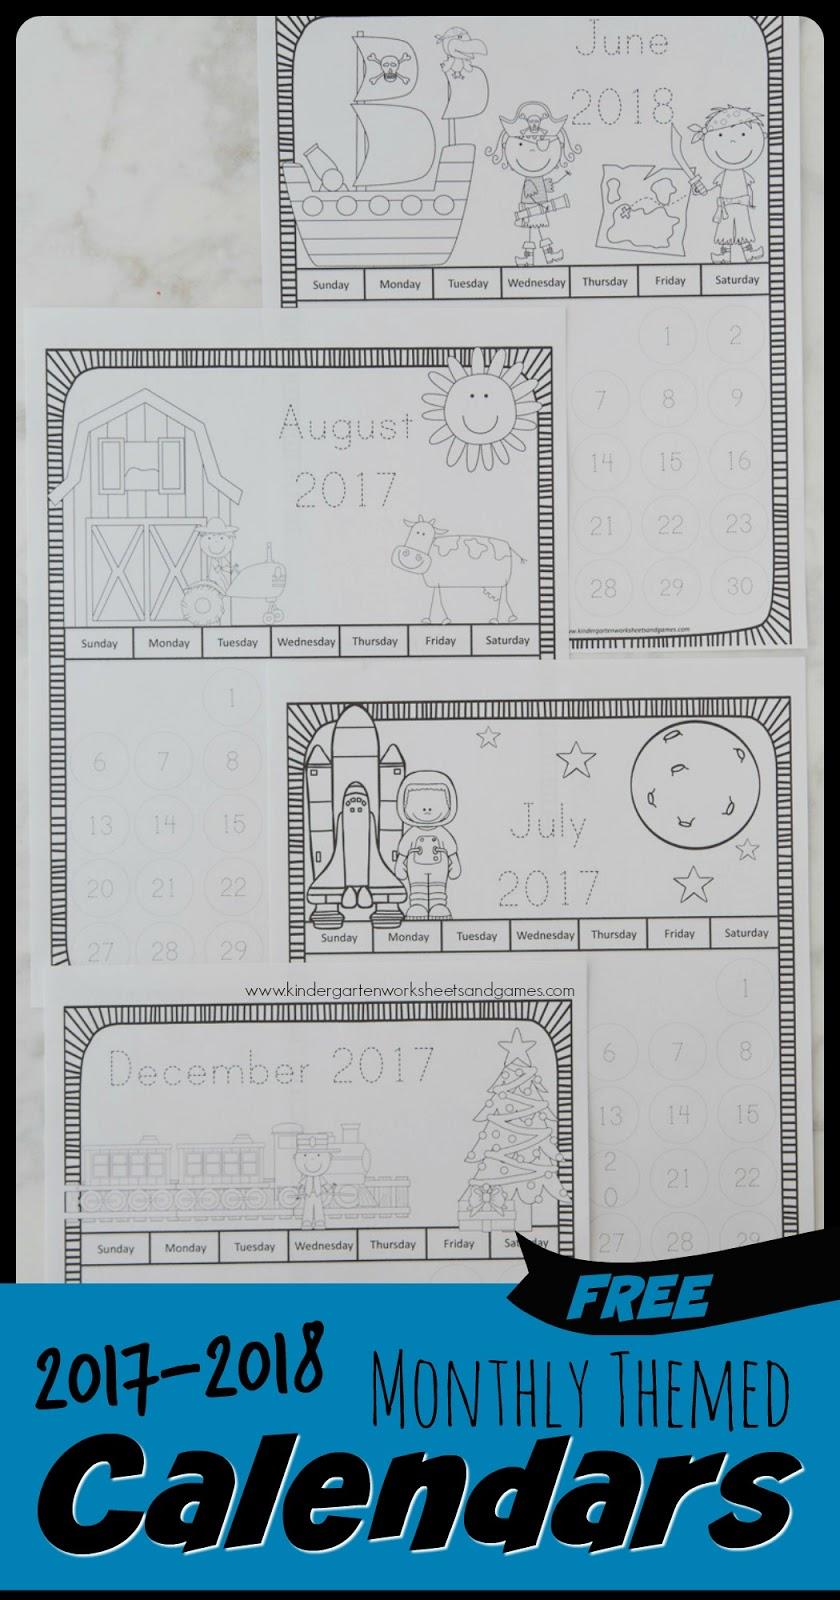 kindergarten worksheets and games free printable calendar for